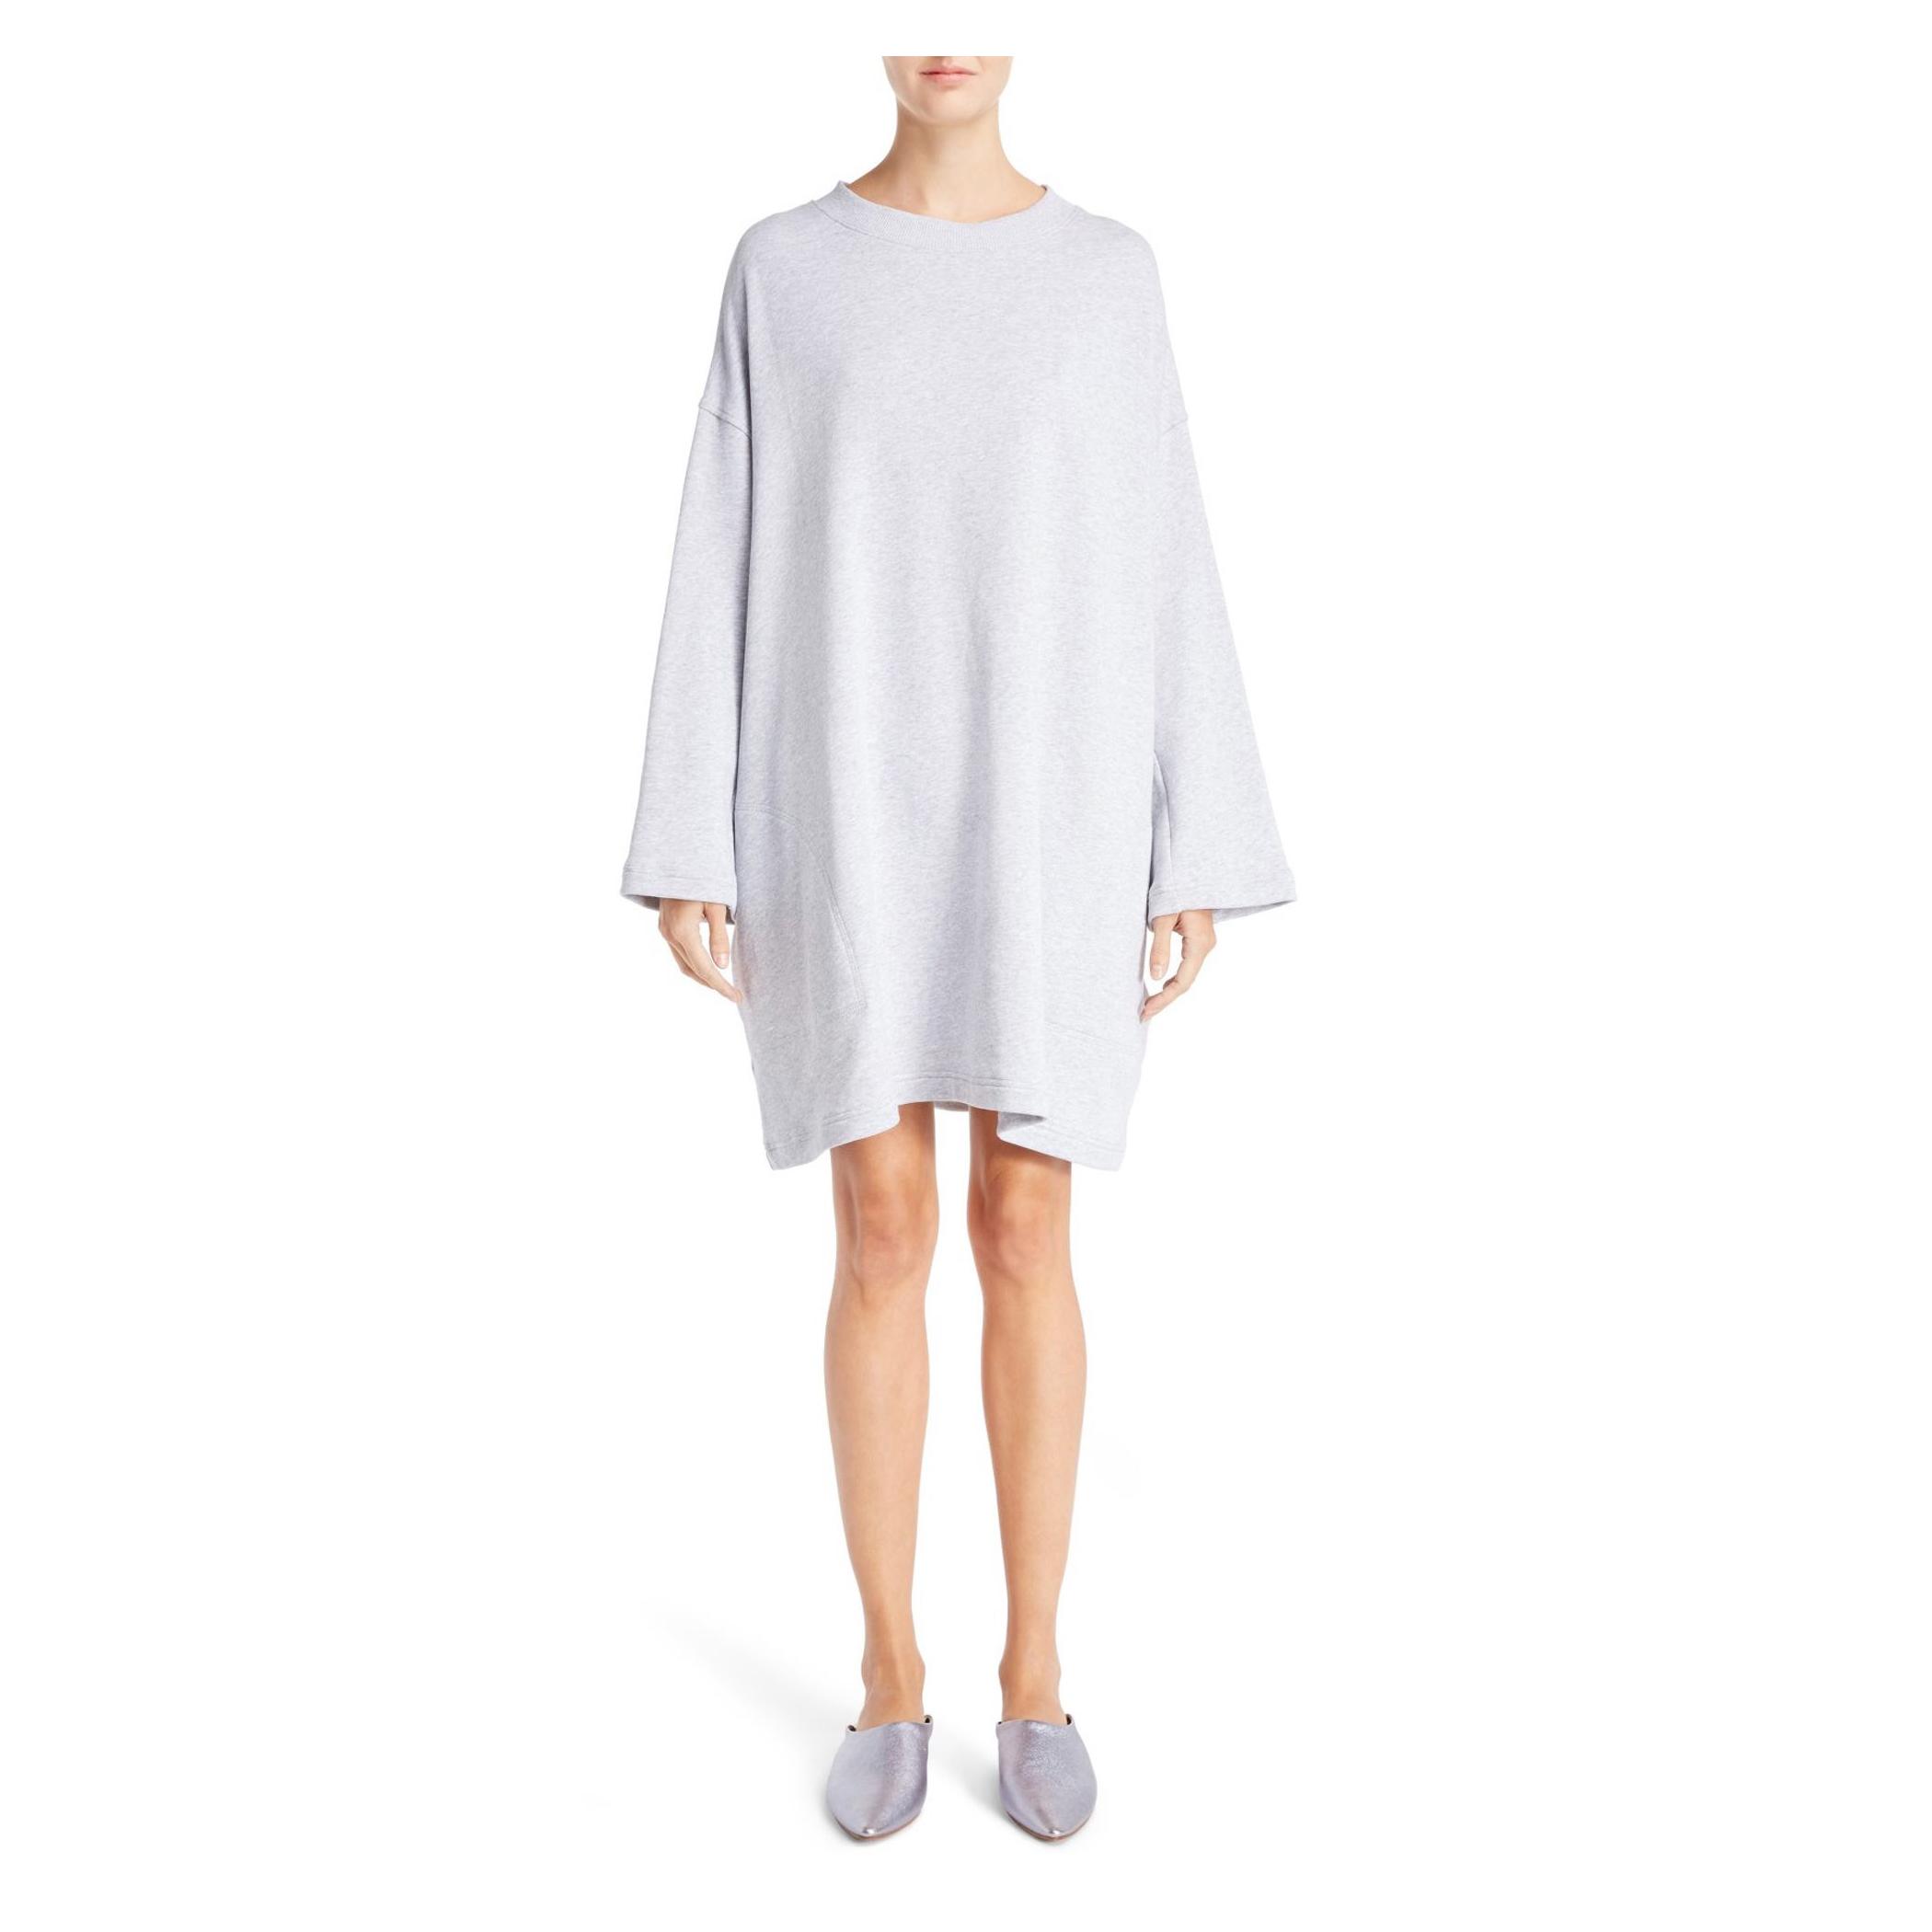 ACNE STUDIOS Leyla Sweatshirt Dress